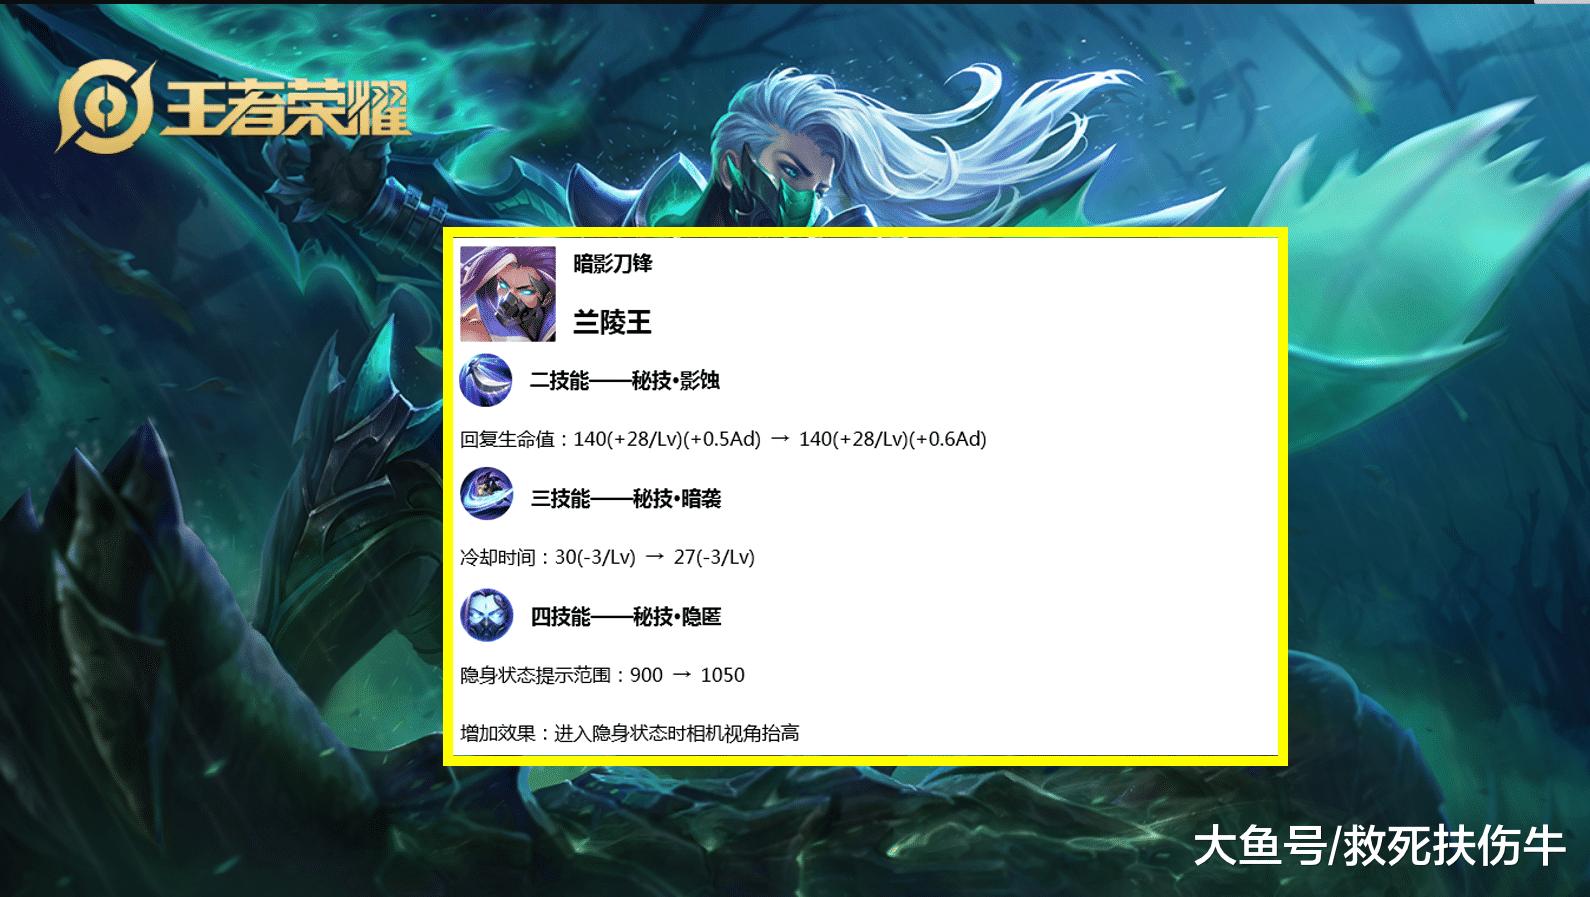 王者荣耀:新版兰陵王上线,玩家大喊削废,胜率却谜之增加